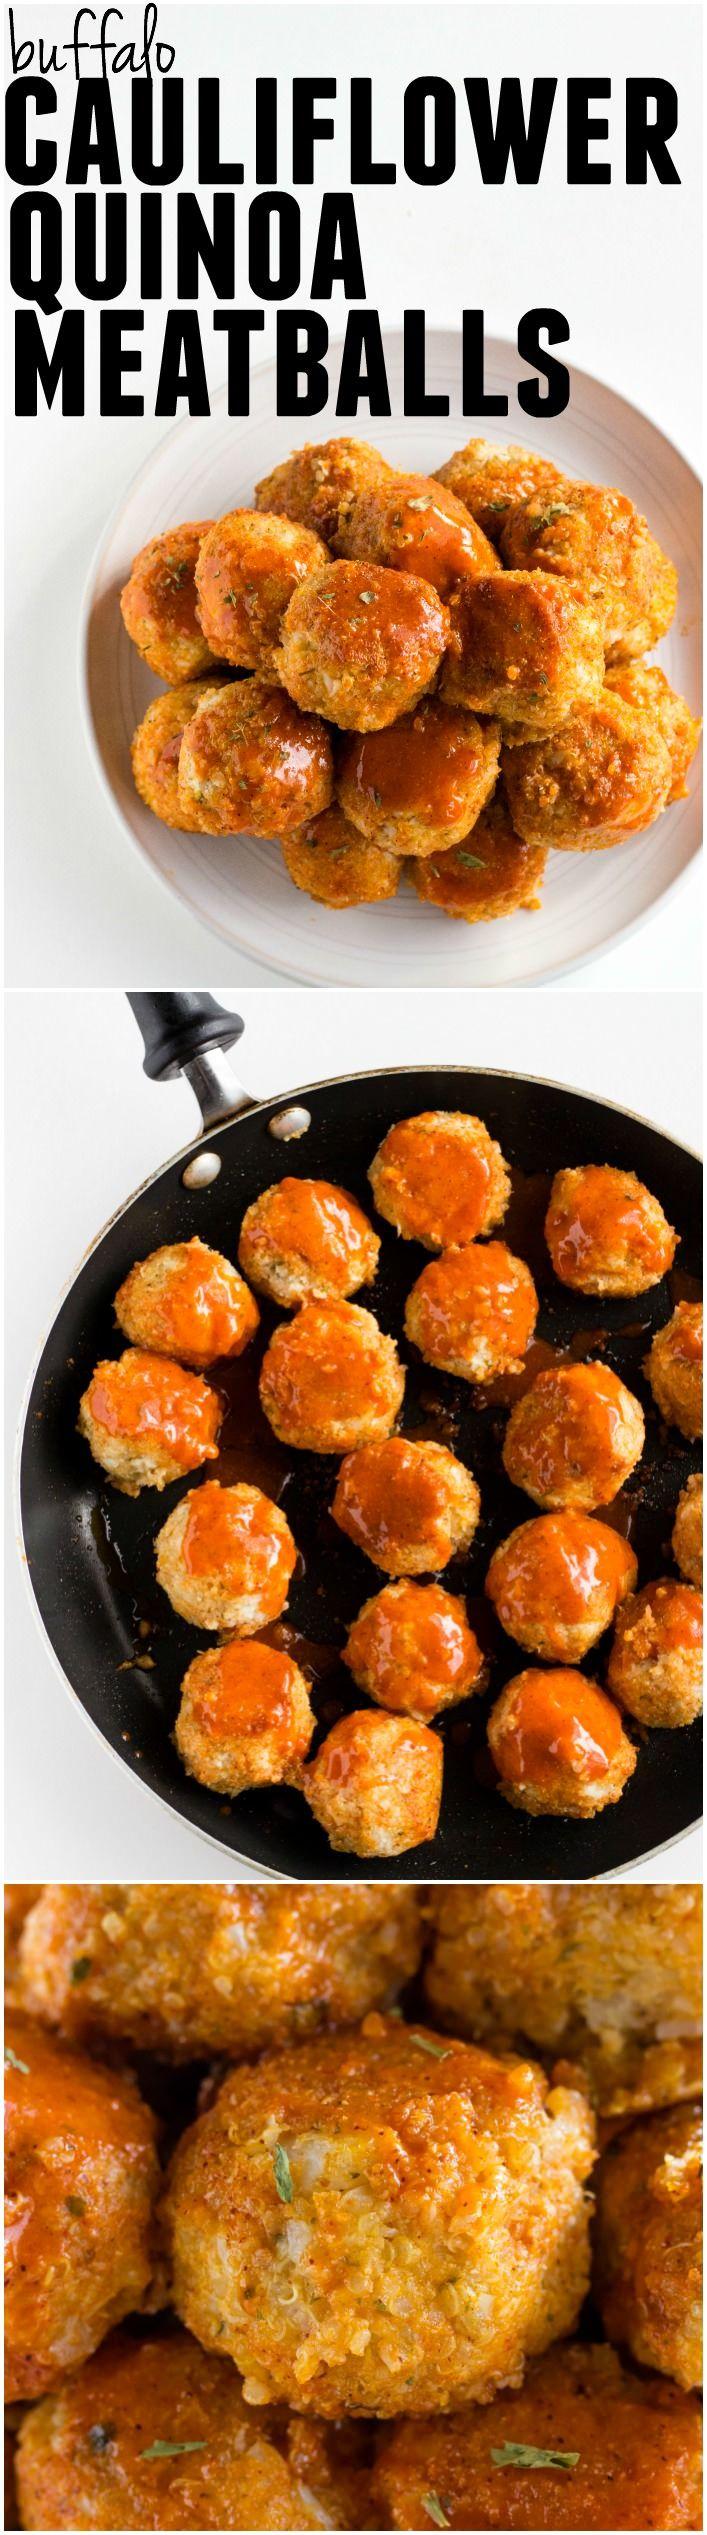 Buffalo Blumenkohl Quinoa Frikadellen |  Einfach und köstlich FLEISCHLOSE Frikadellen aus Blumenkohl und Quinoa!  |  thealmondeater.com #vegan